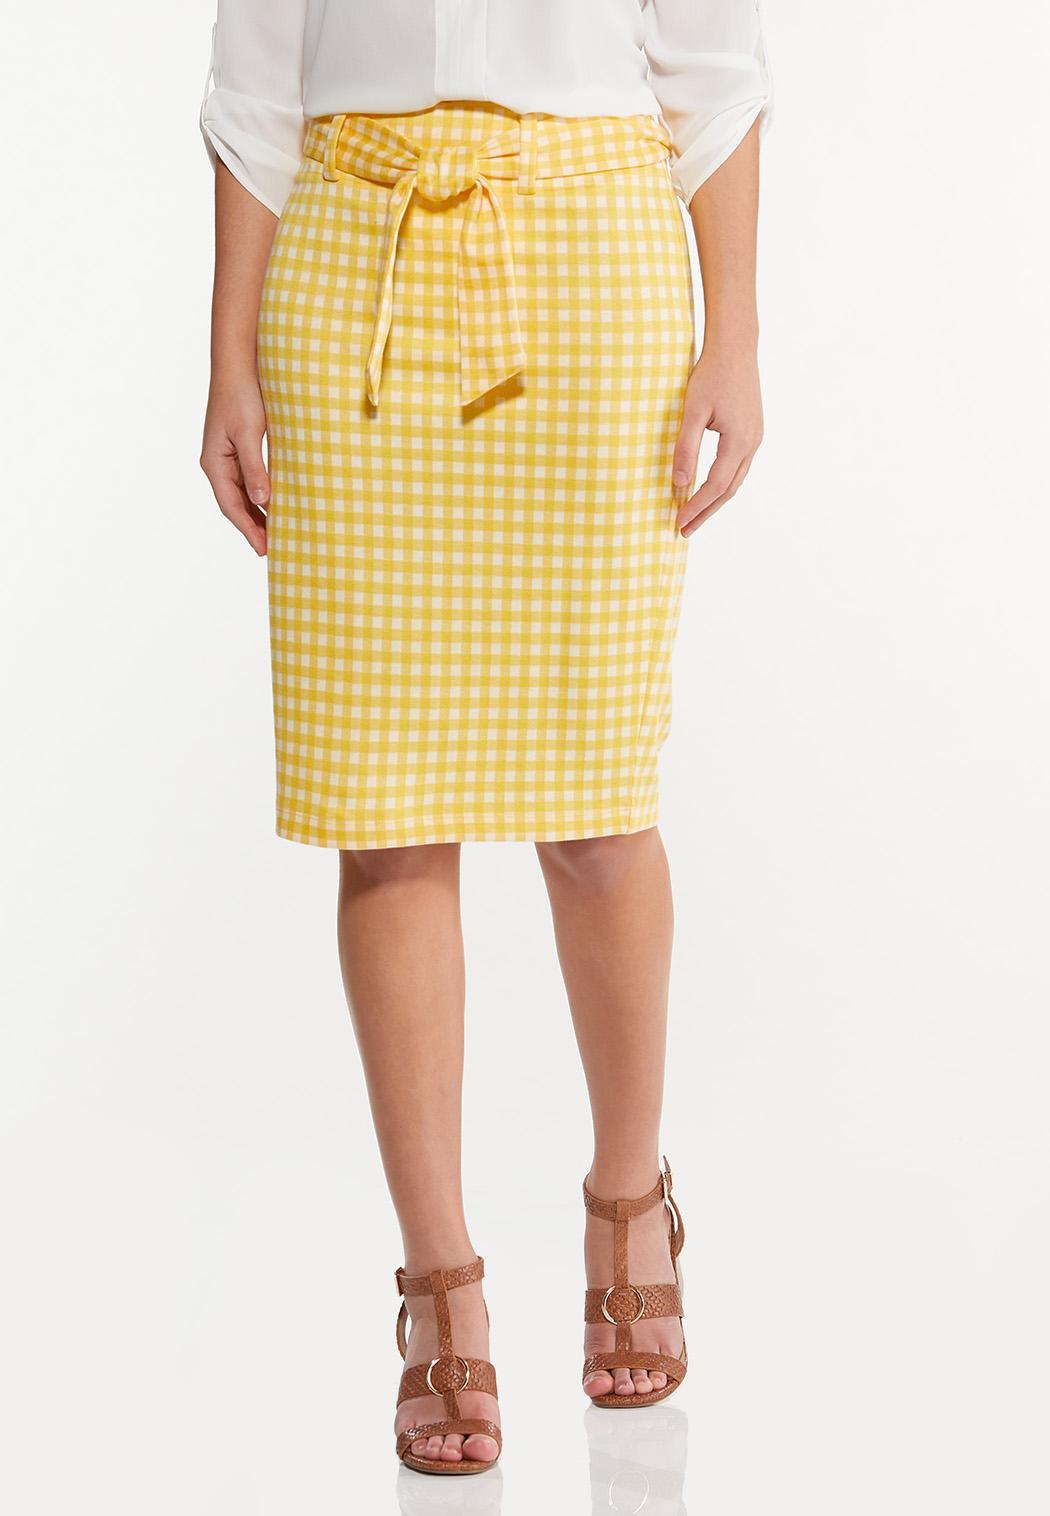 Gold Gingham Skirt